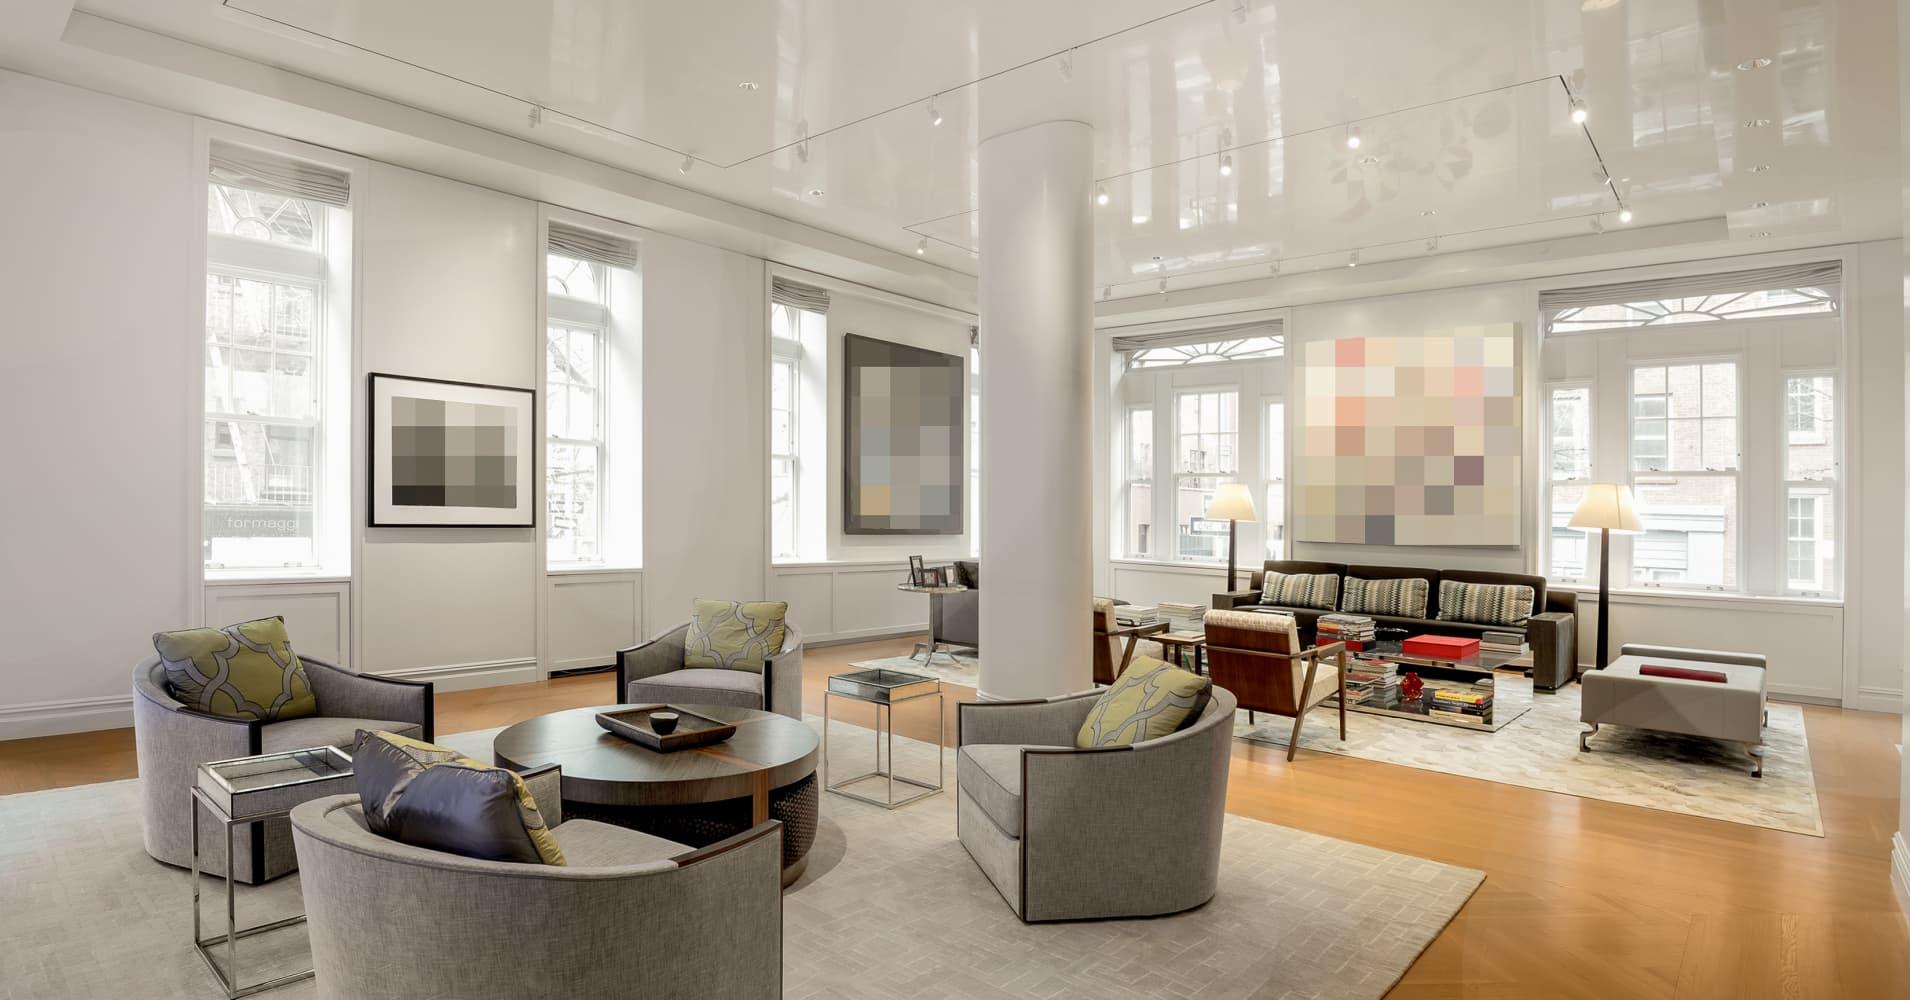 Look inside hedge fund billionaire Steve Cohen's $33 million Manhattan mansion